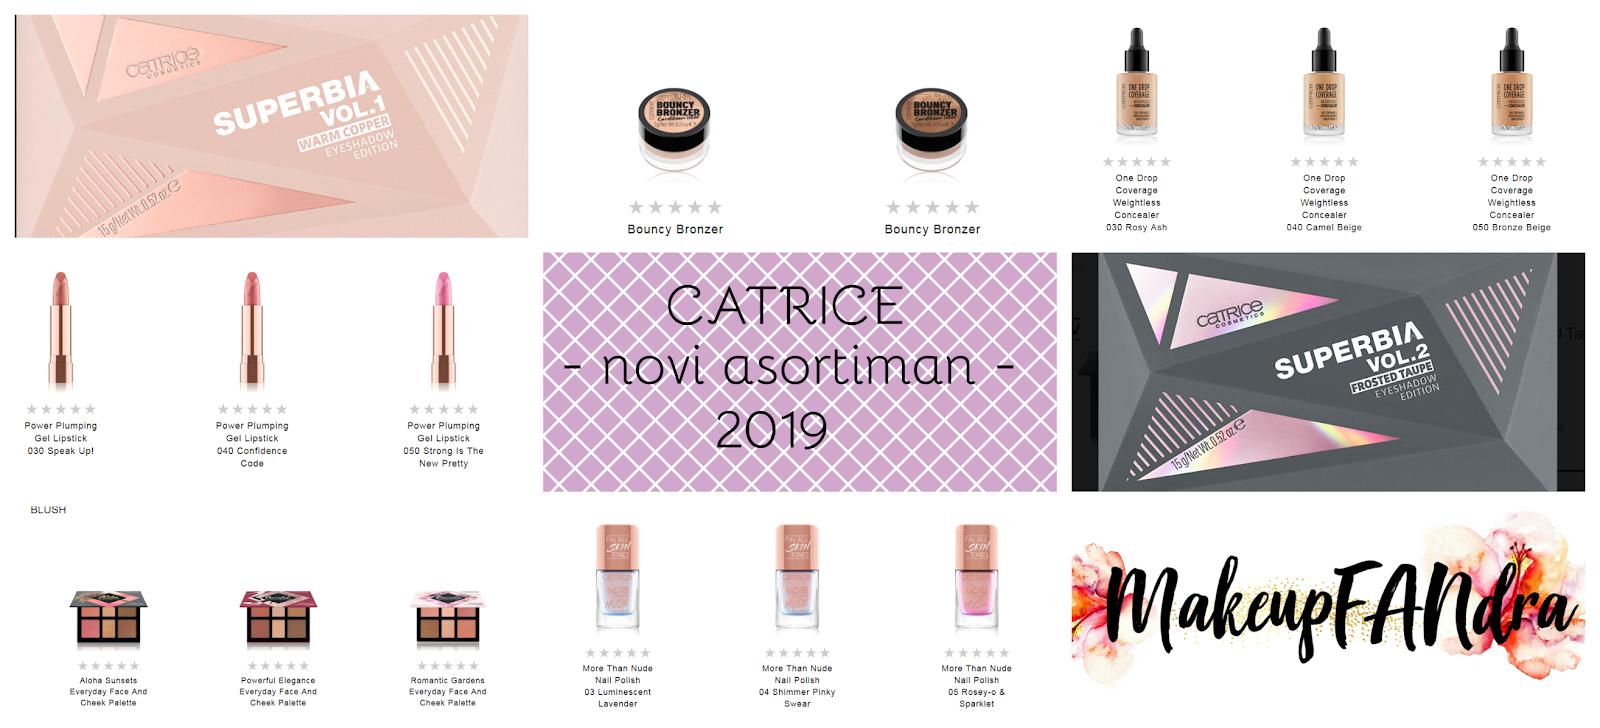 Catrice novi asortiman 2019